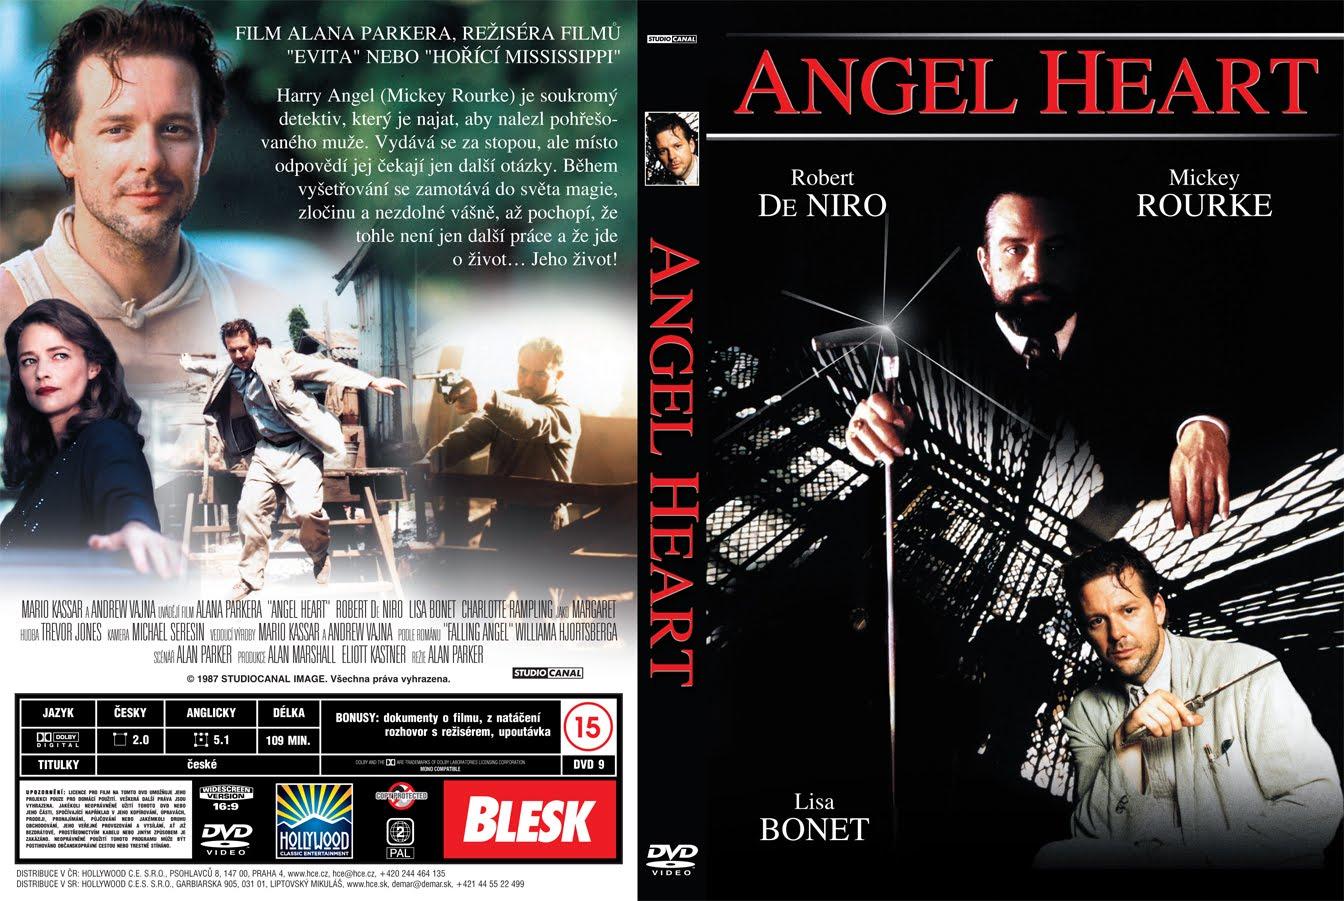 http://2.bp.blogspot.com/-rgFvMnuHD5s/Tu9-ZitqsnI/AAAAAAACsFo/Pj2dXK2zgH0/s1600/Angel_heart%2B1987a.jpg